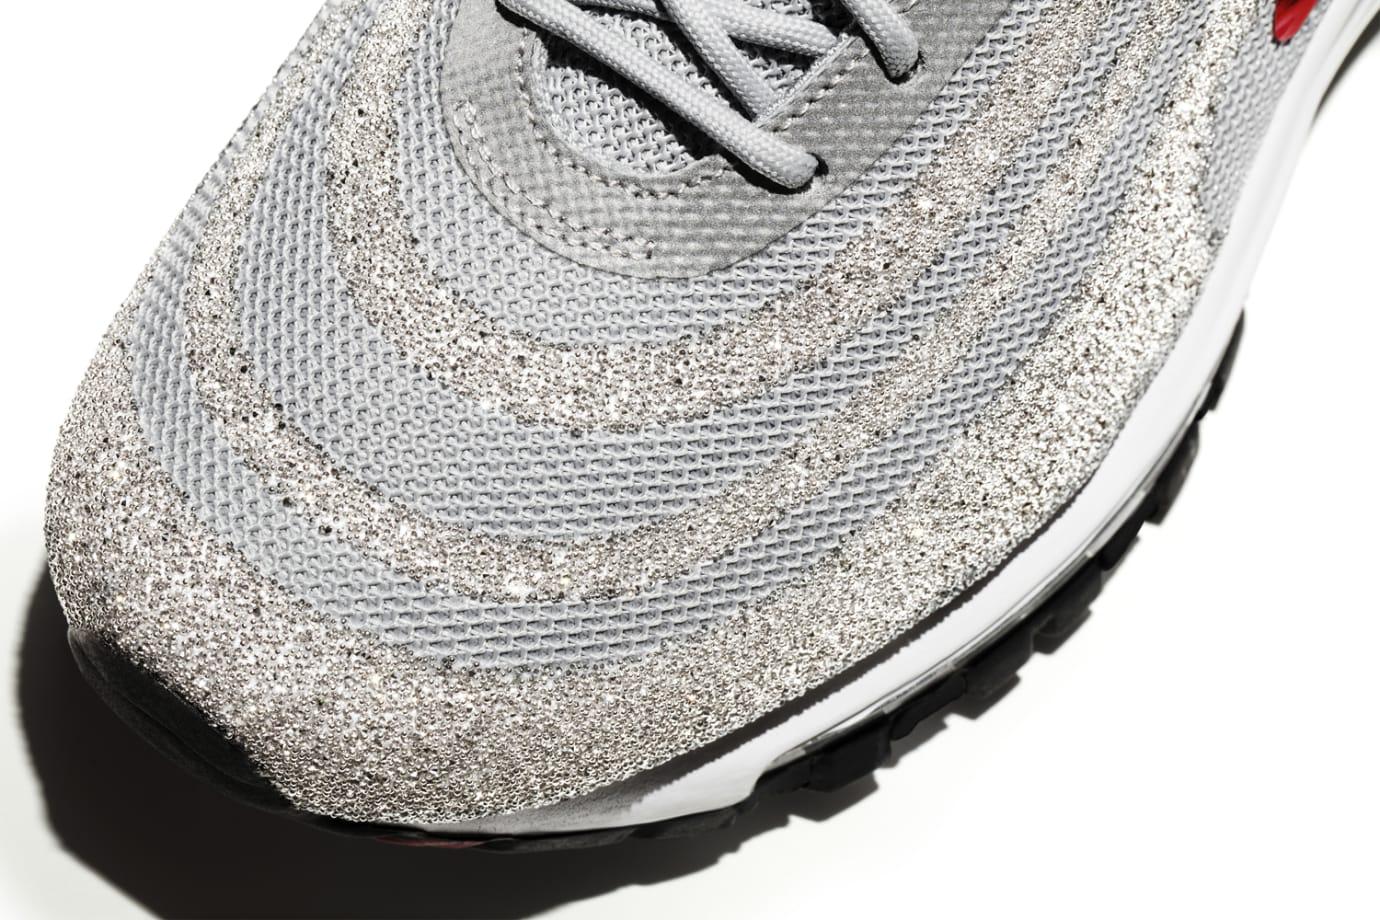 Image via Nike Nike Air Max 97 Swarovski Crystal Silver Toe 21b2f44059